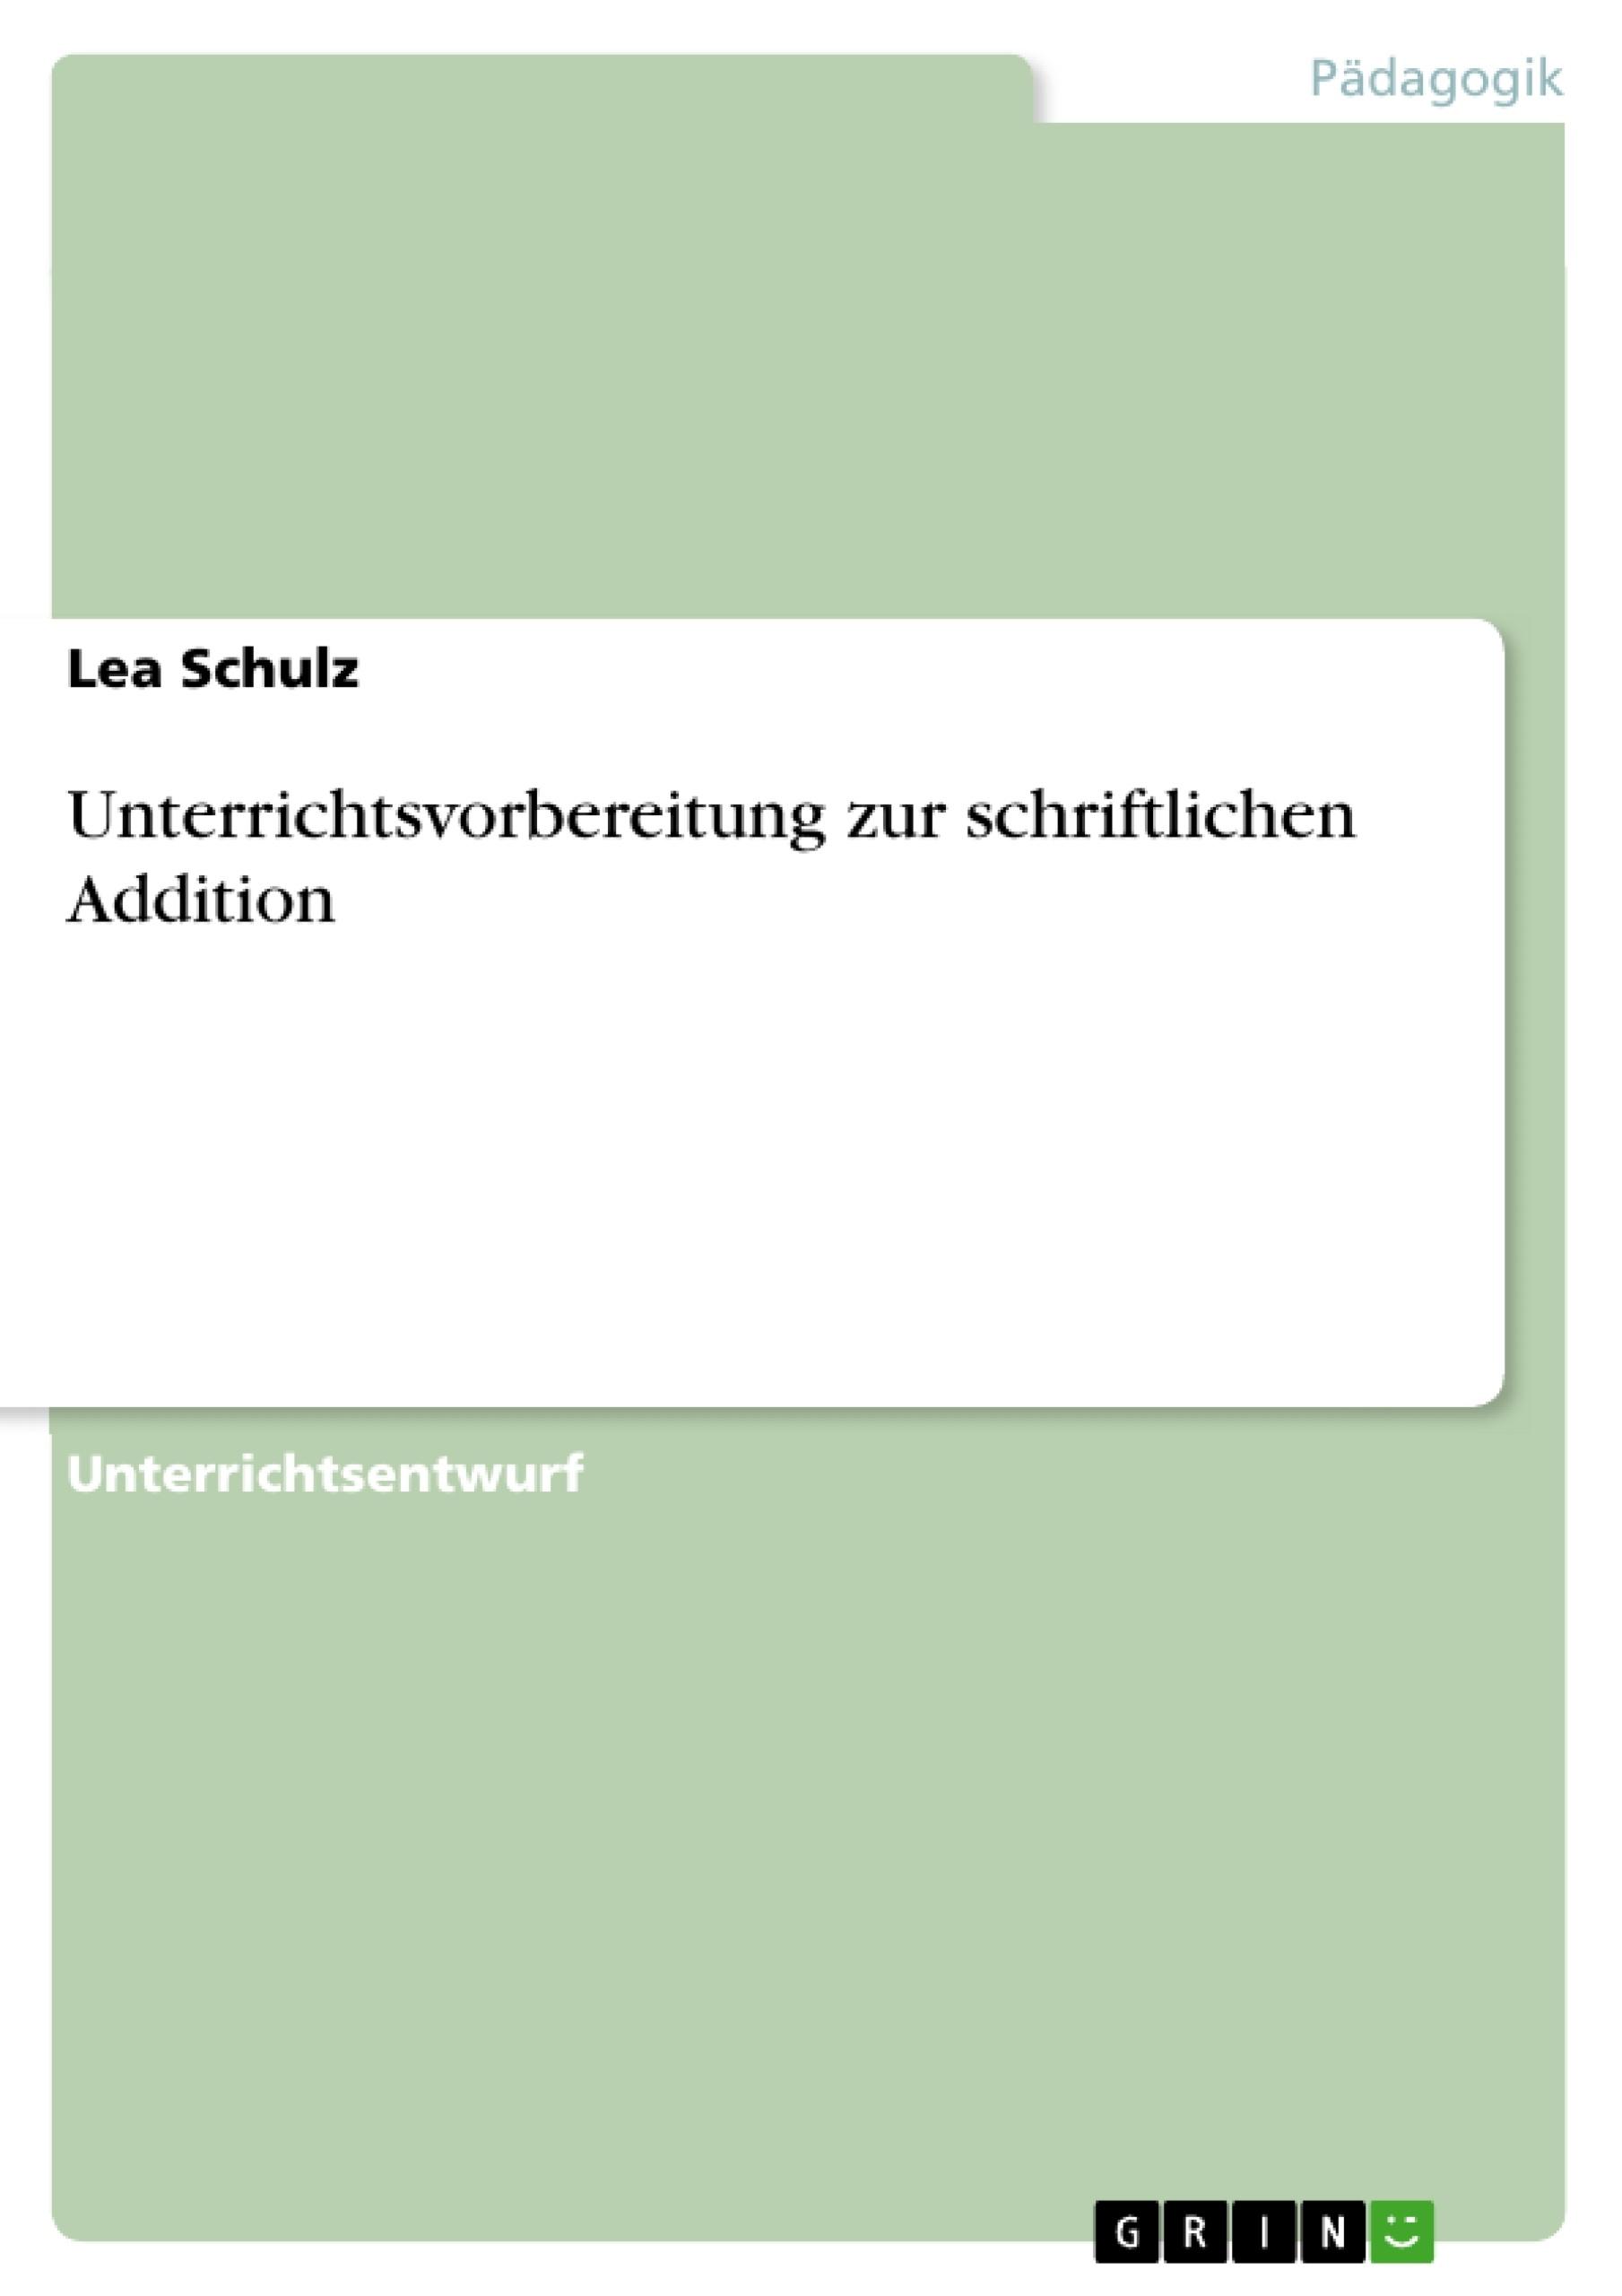 Titel: Unterrichtsvorbereitung zur schriftlichen Addition